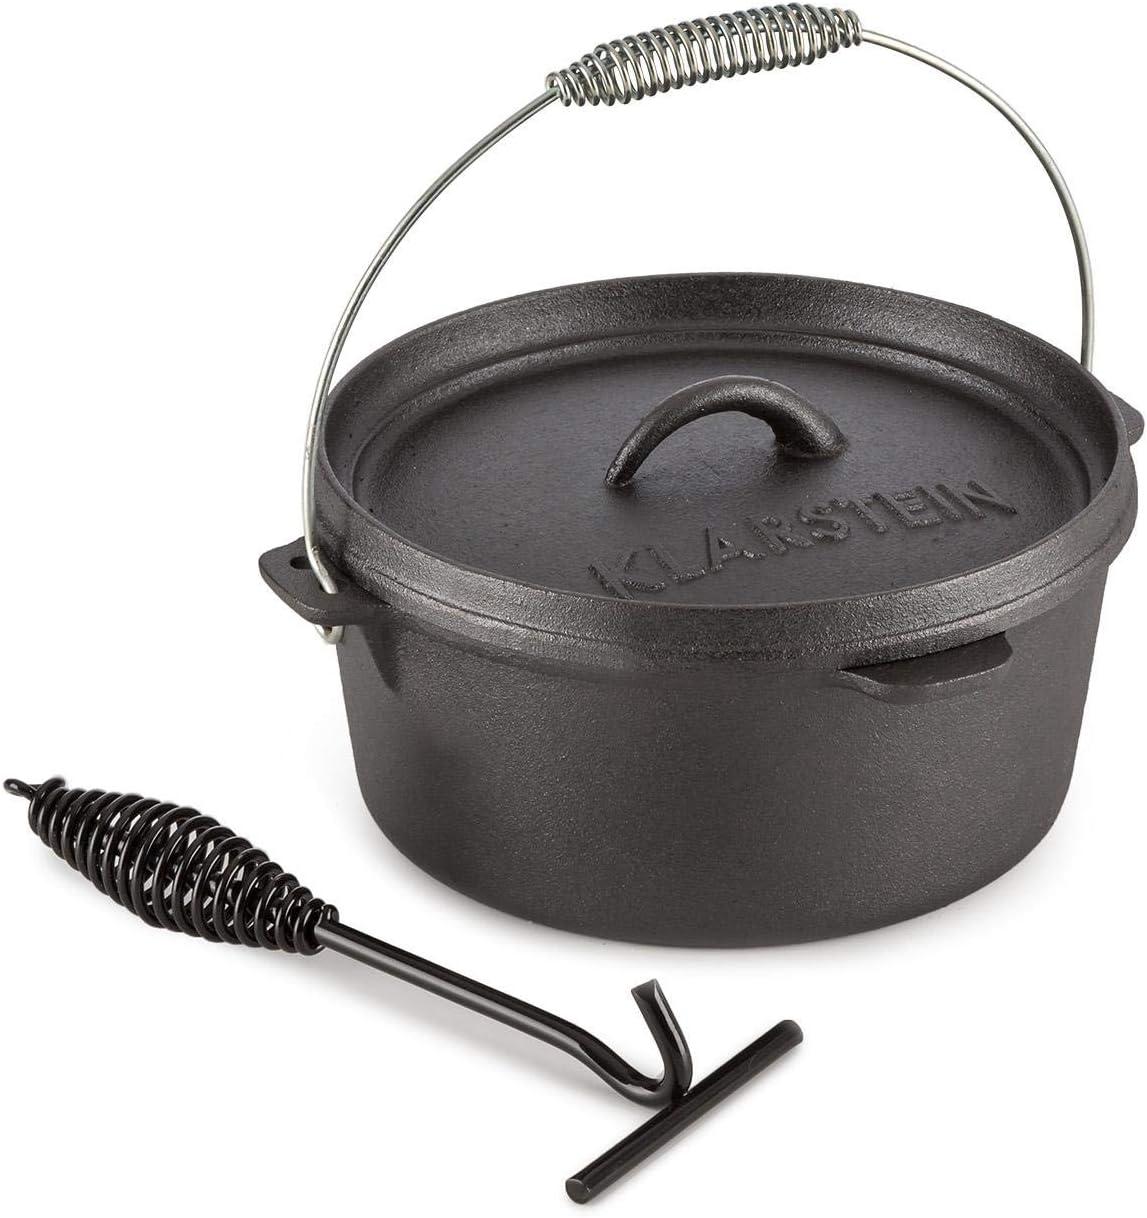 KLARSTEIN Hotrod 85 Olla de Hierro Fundido (9 qt/8,5 litros, Tapa hermética, Ideal para Cocina sobre Fuego o brasas, óptima distribución del Calor, cazuela de Barbacoa Negra)